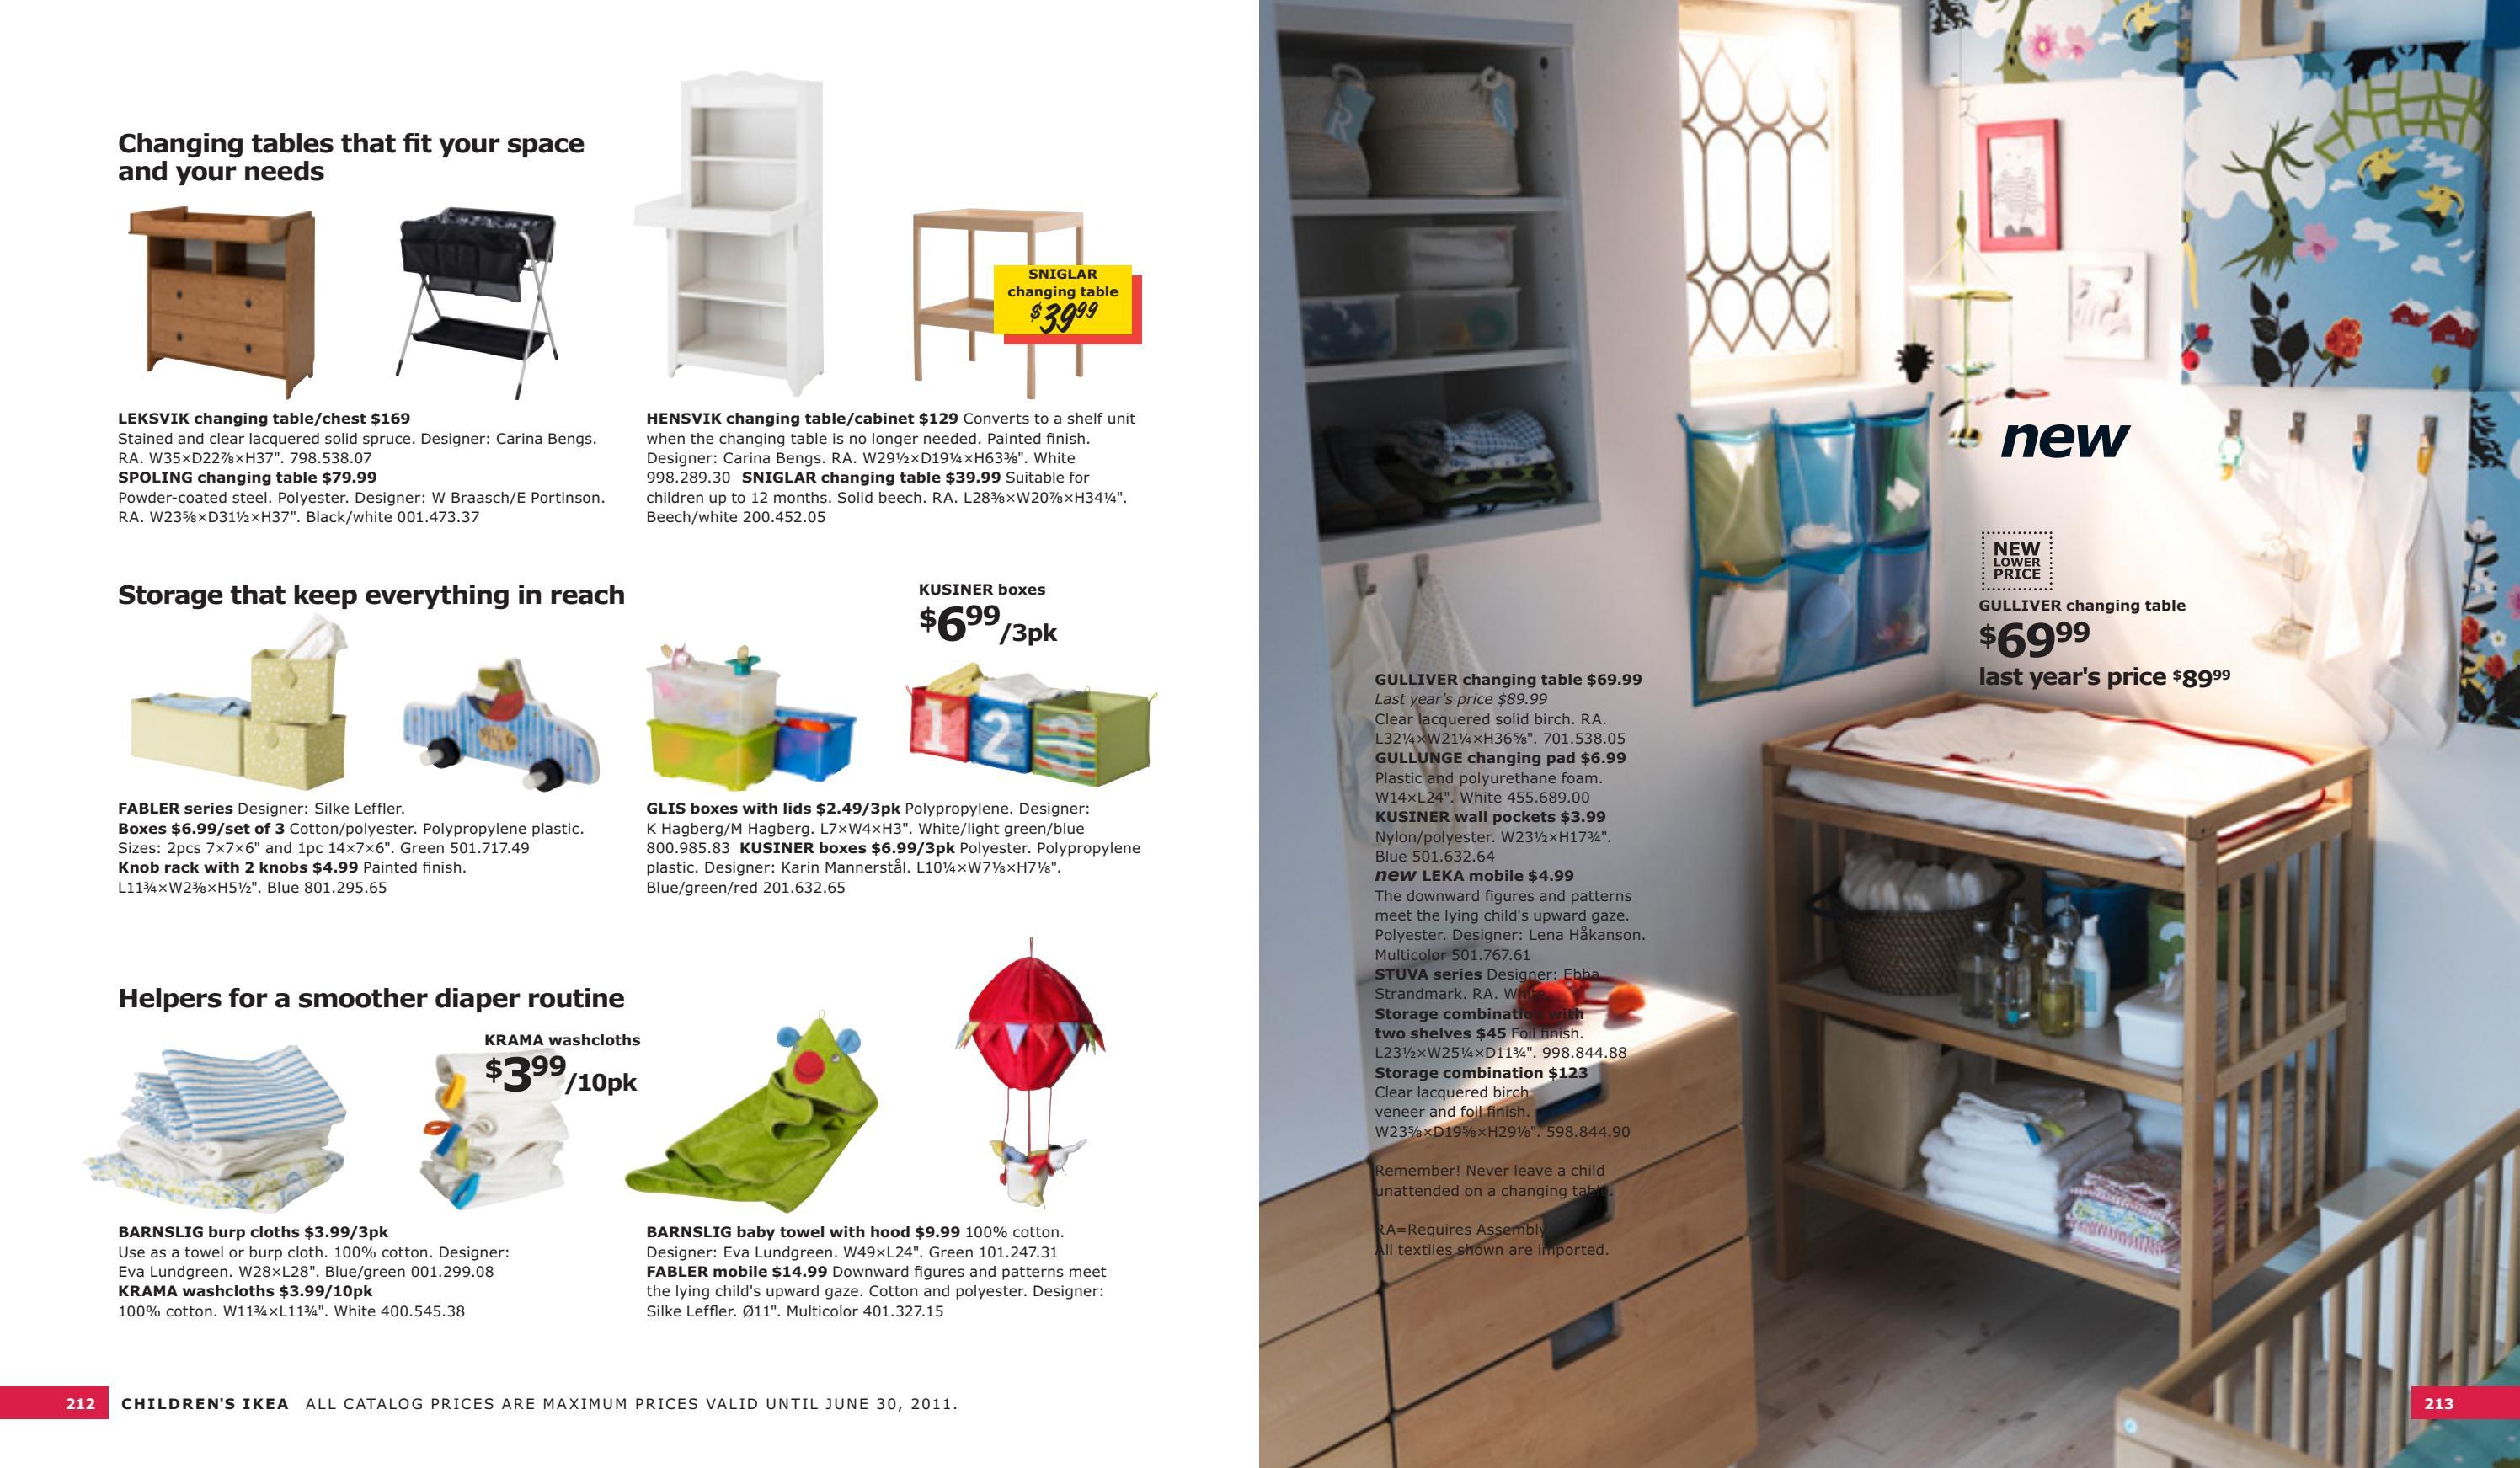 2011 Ikea Catalog ikea catalog 2011britney bane - issuu